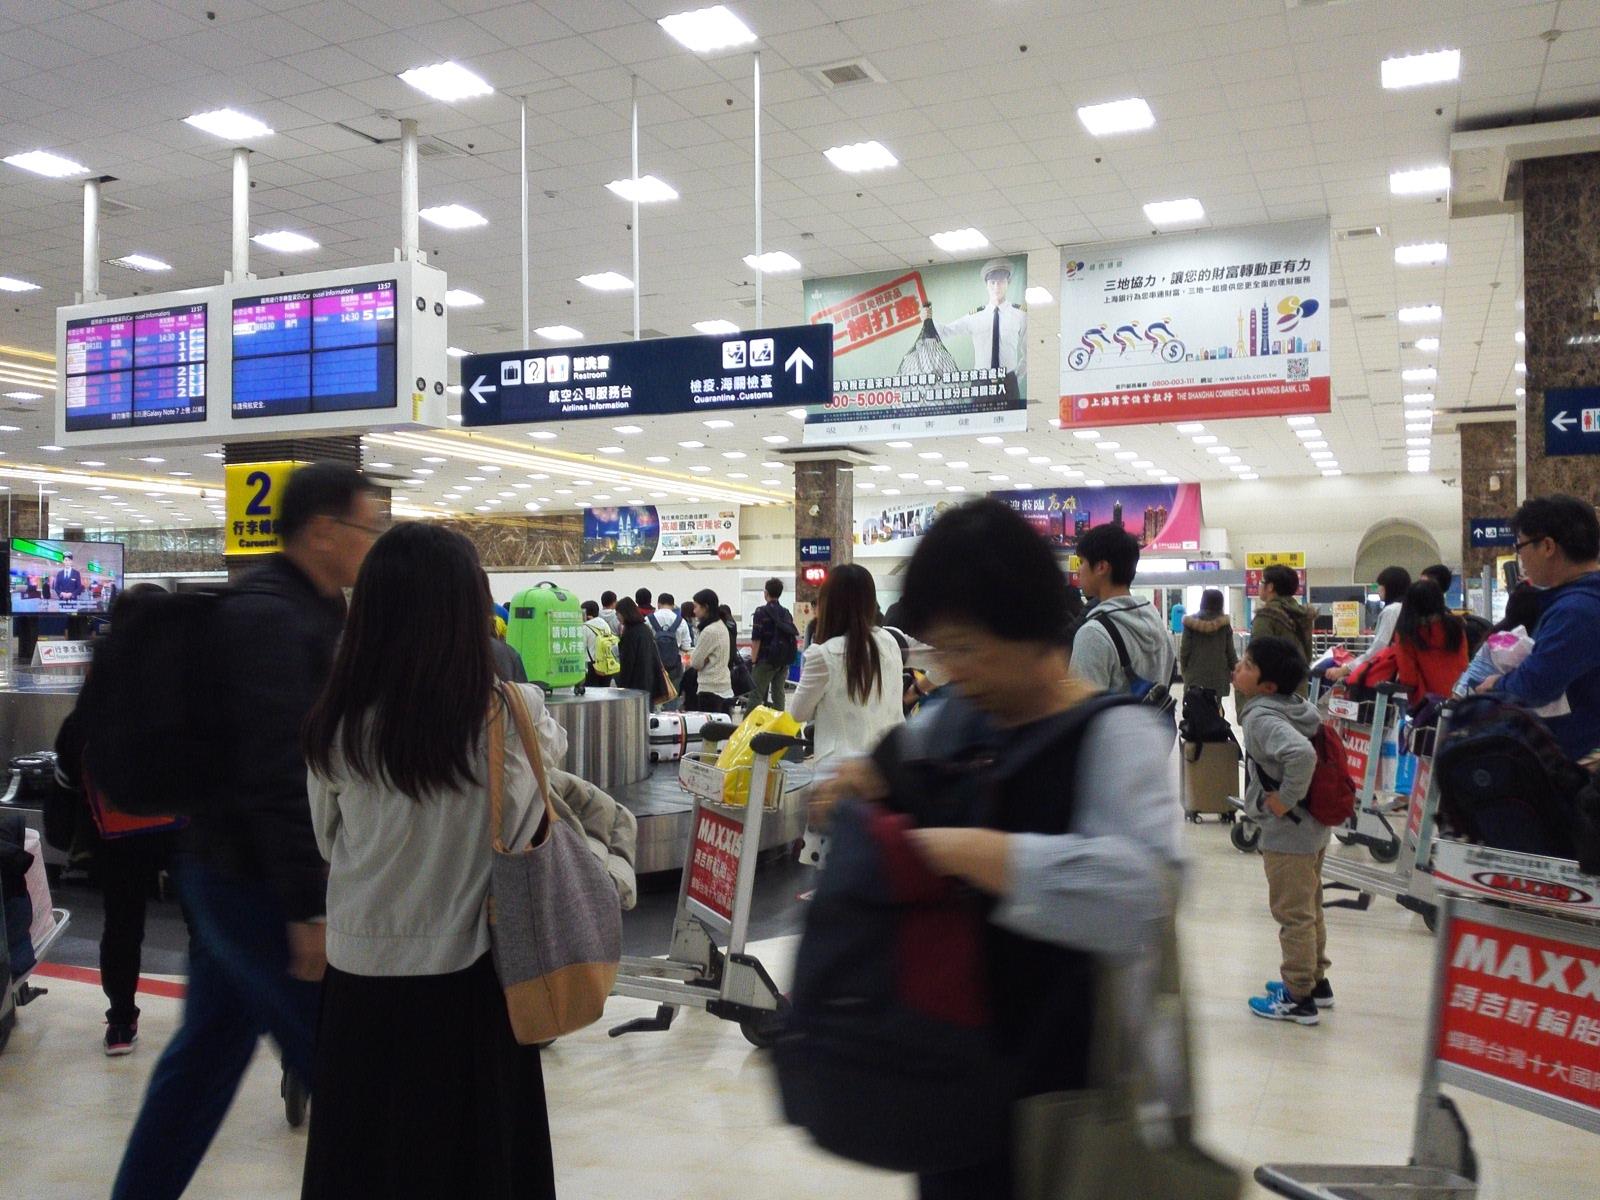 高雄空港の受託手荷物受取の混雑